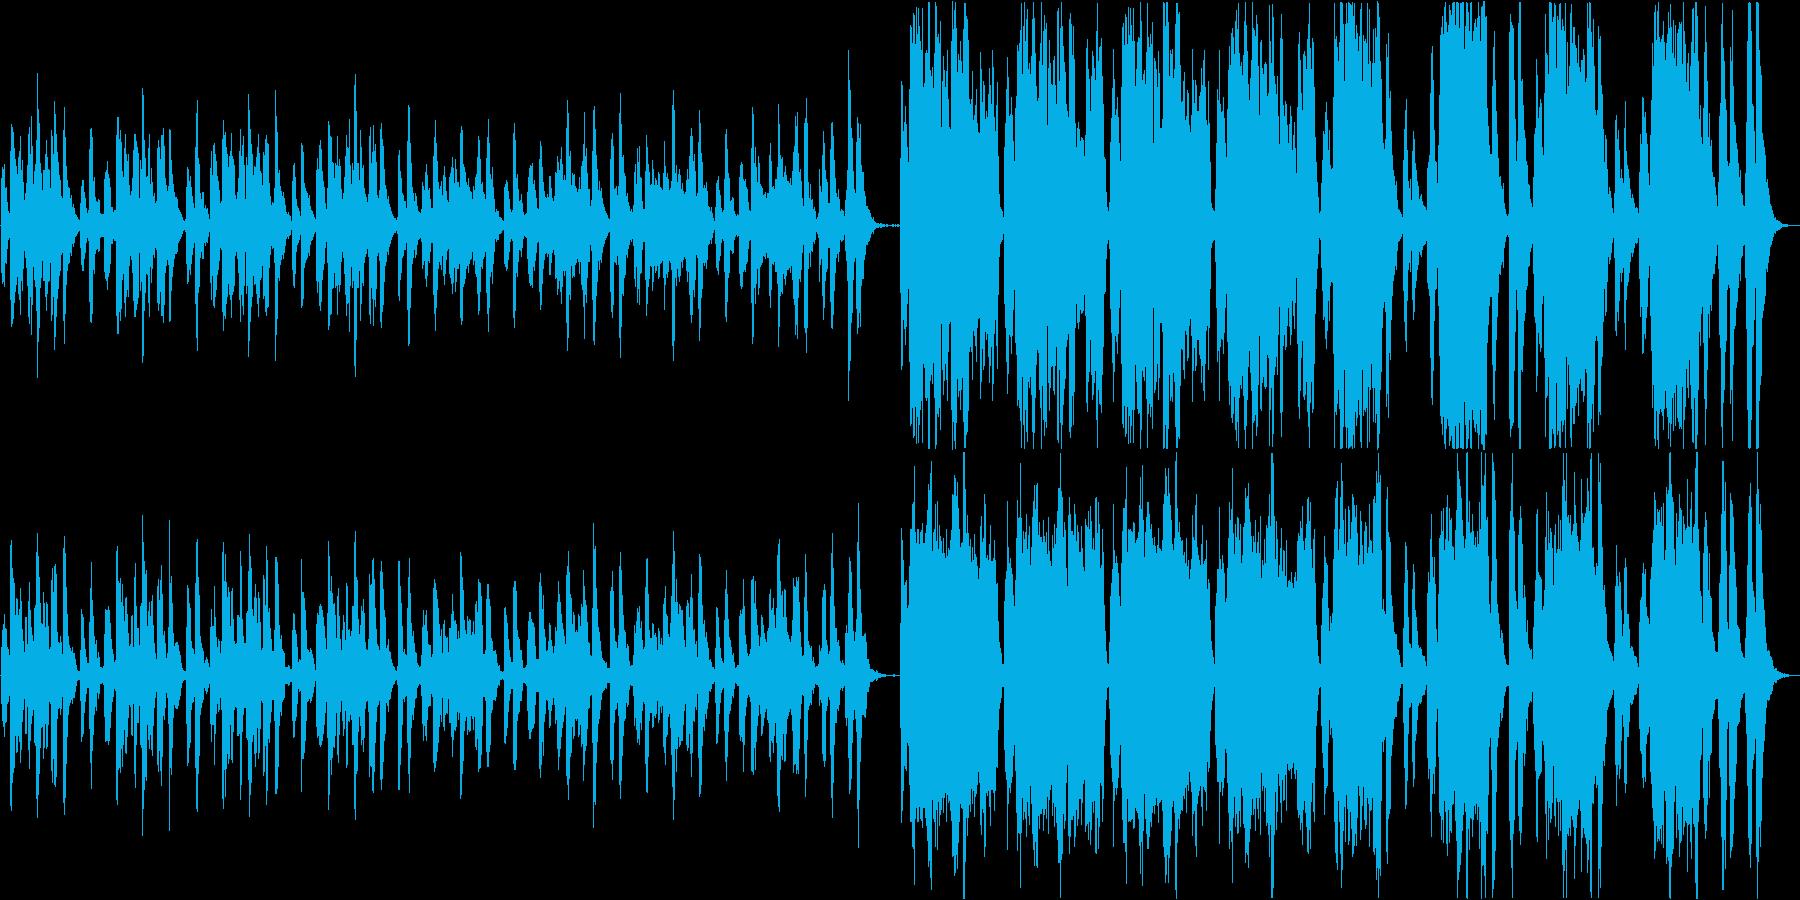 ほのぼの優雅なワルツ風ループBGMの再生済みの波形